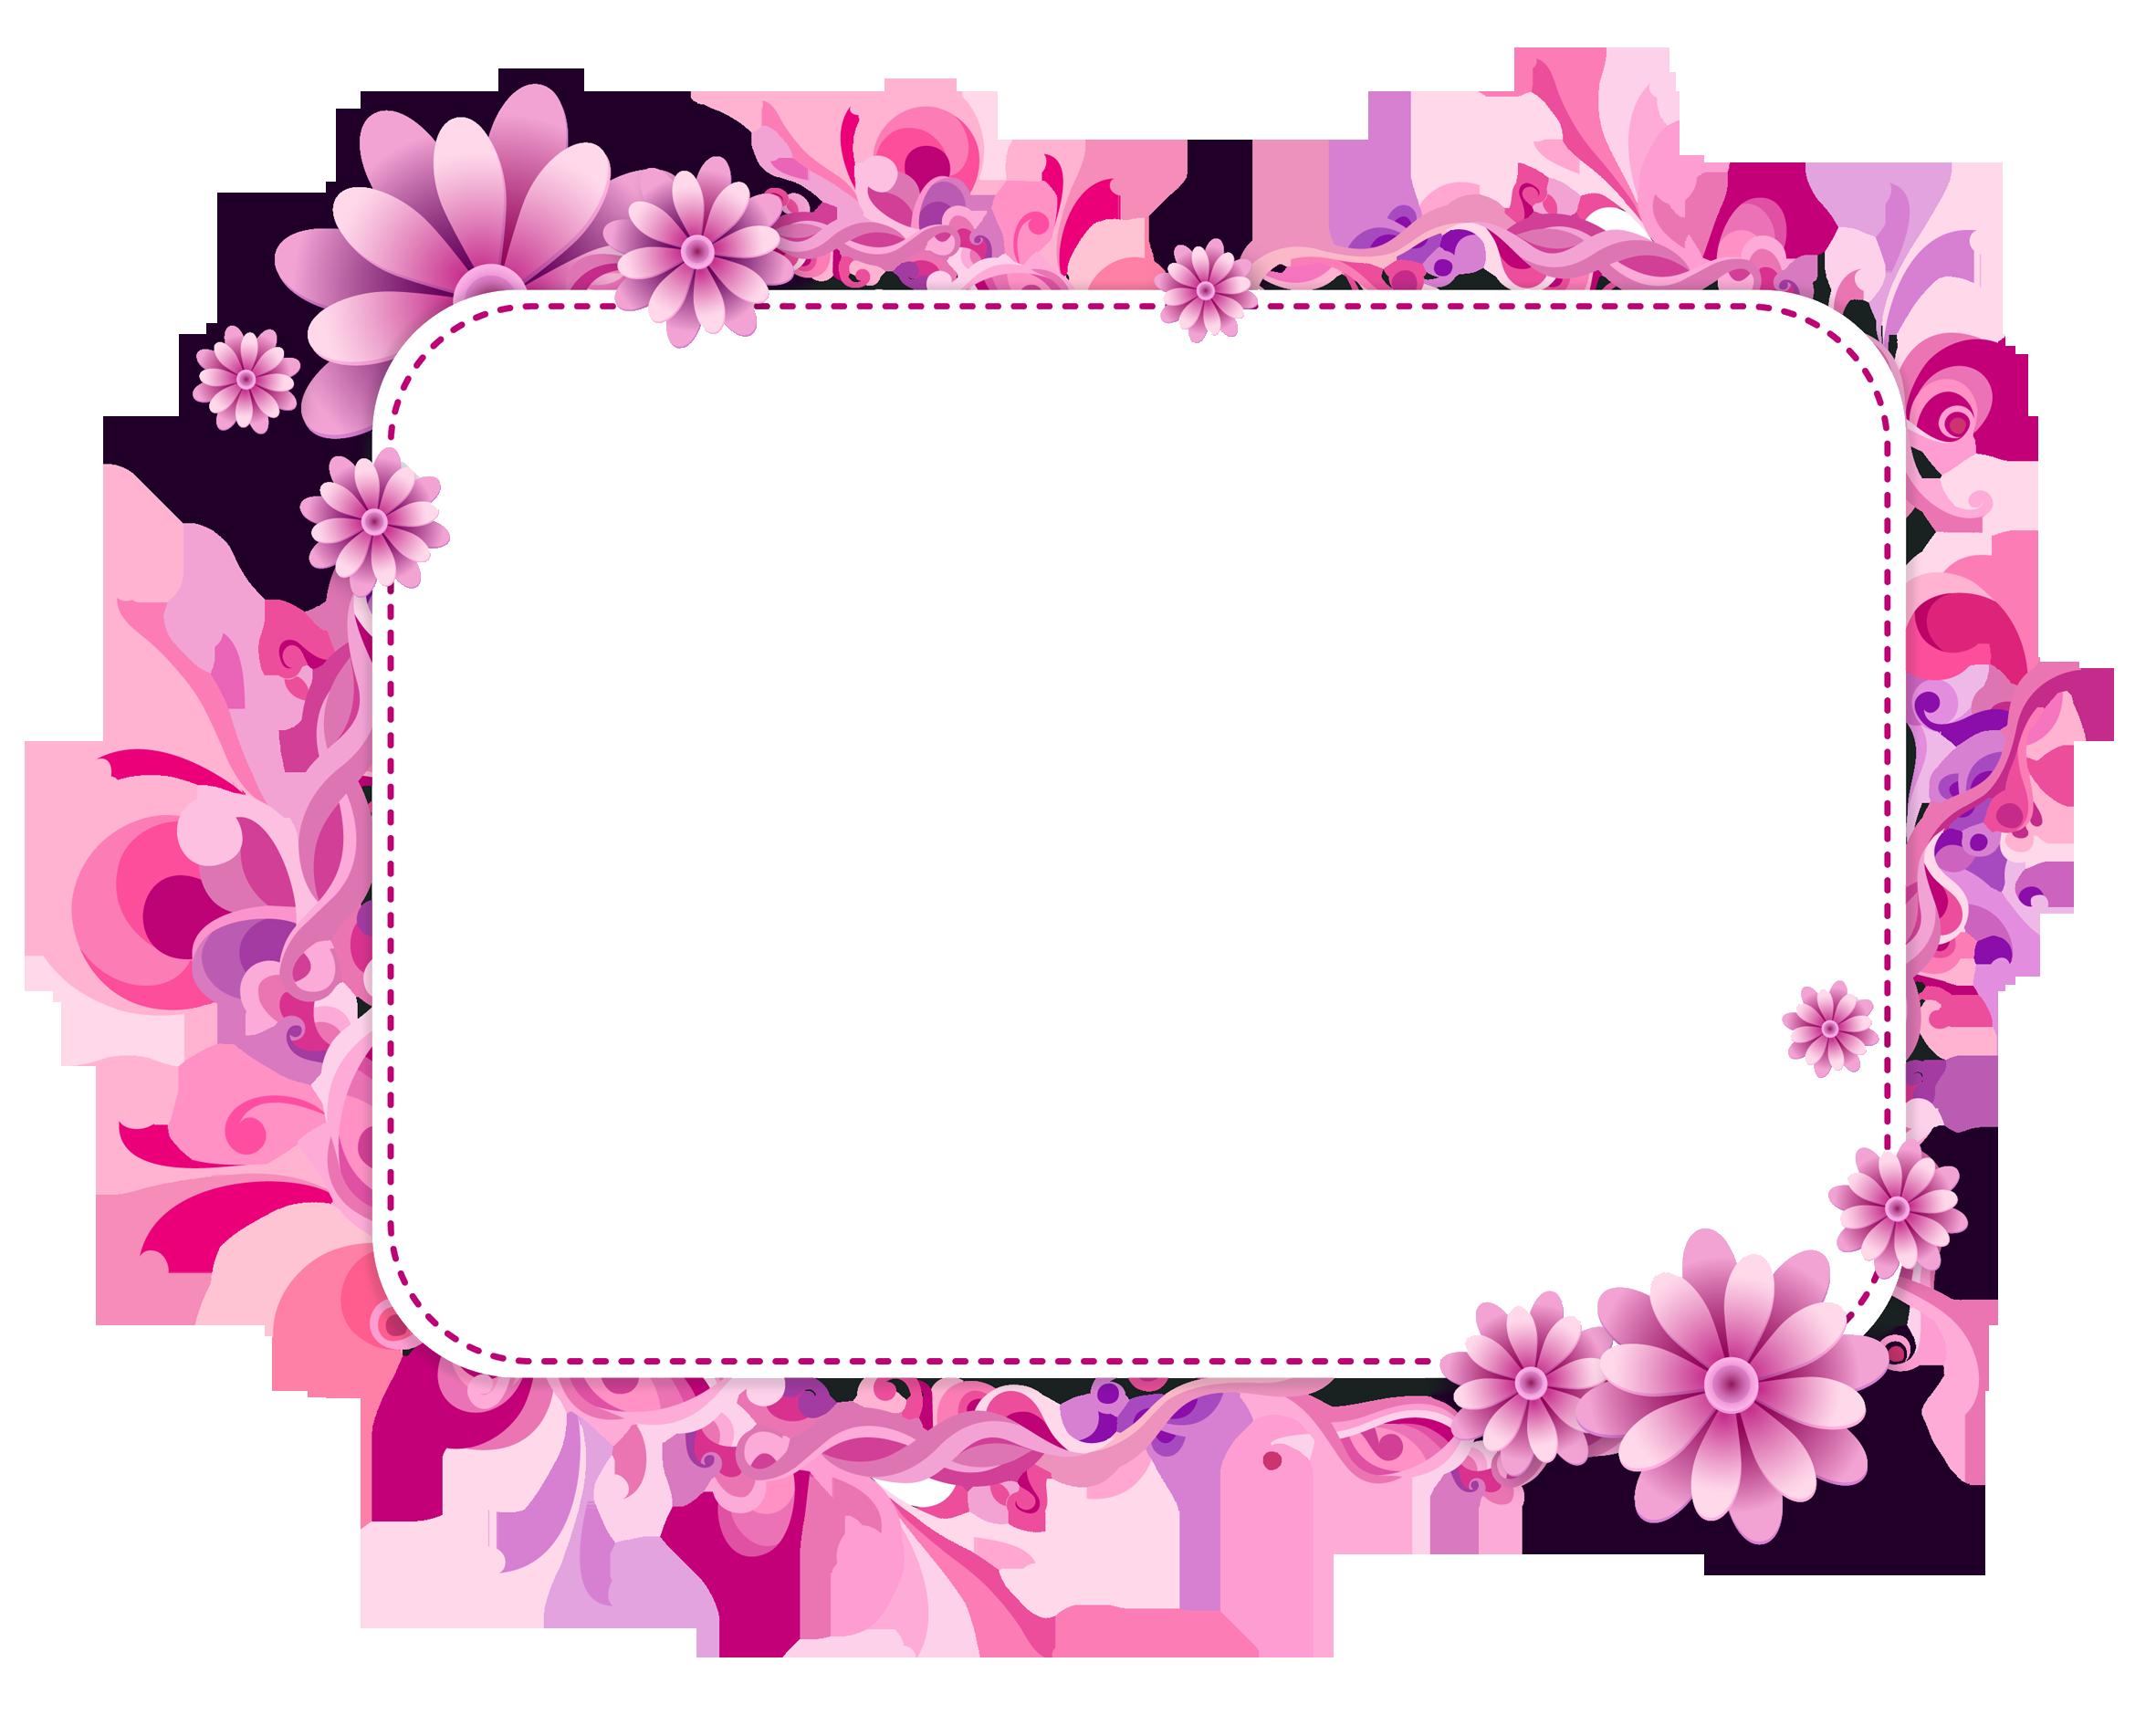 Etiquetas vector clipart graphic freeuse etiqueta vector | Plantillas | Frame, Flower frame, Frame clipart graphic freeuse